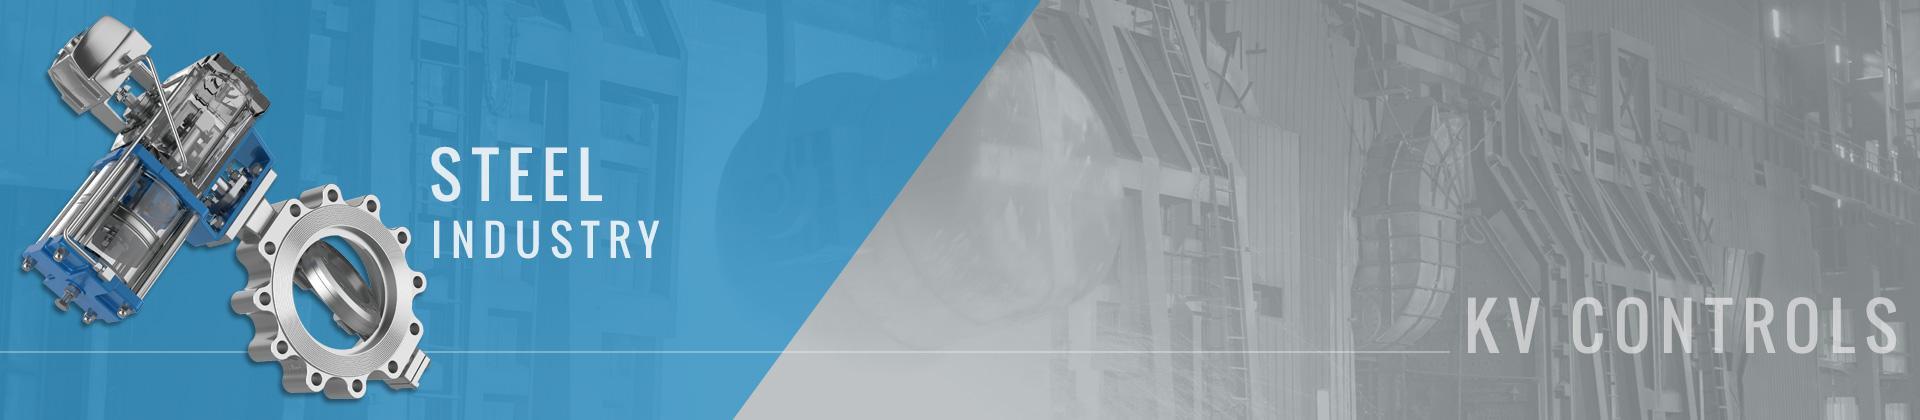 steel-industry-banner-home-rev-1.jpg